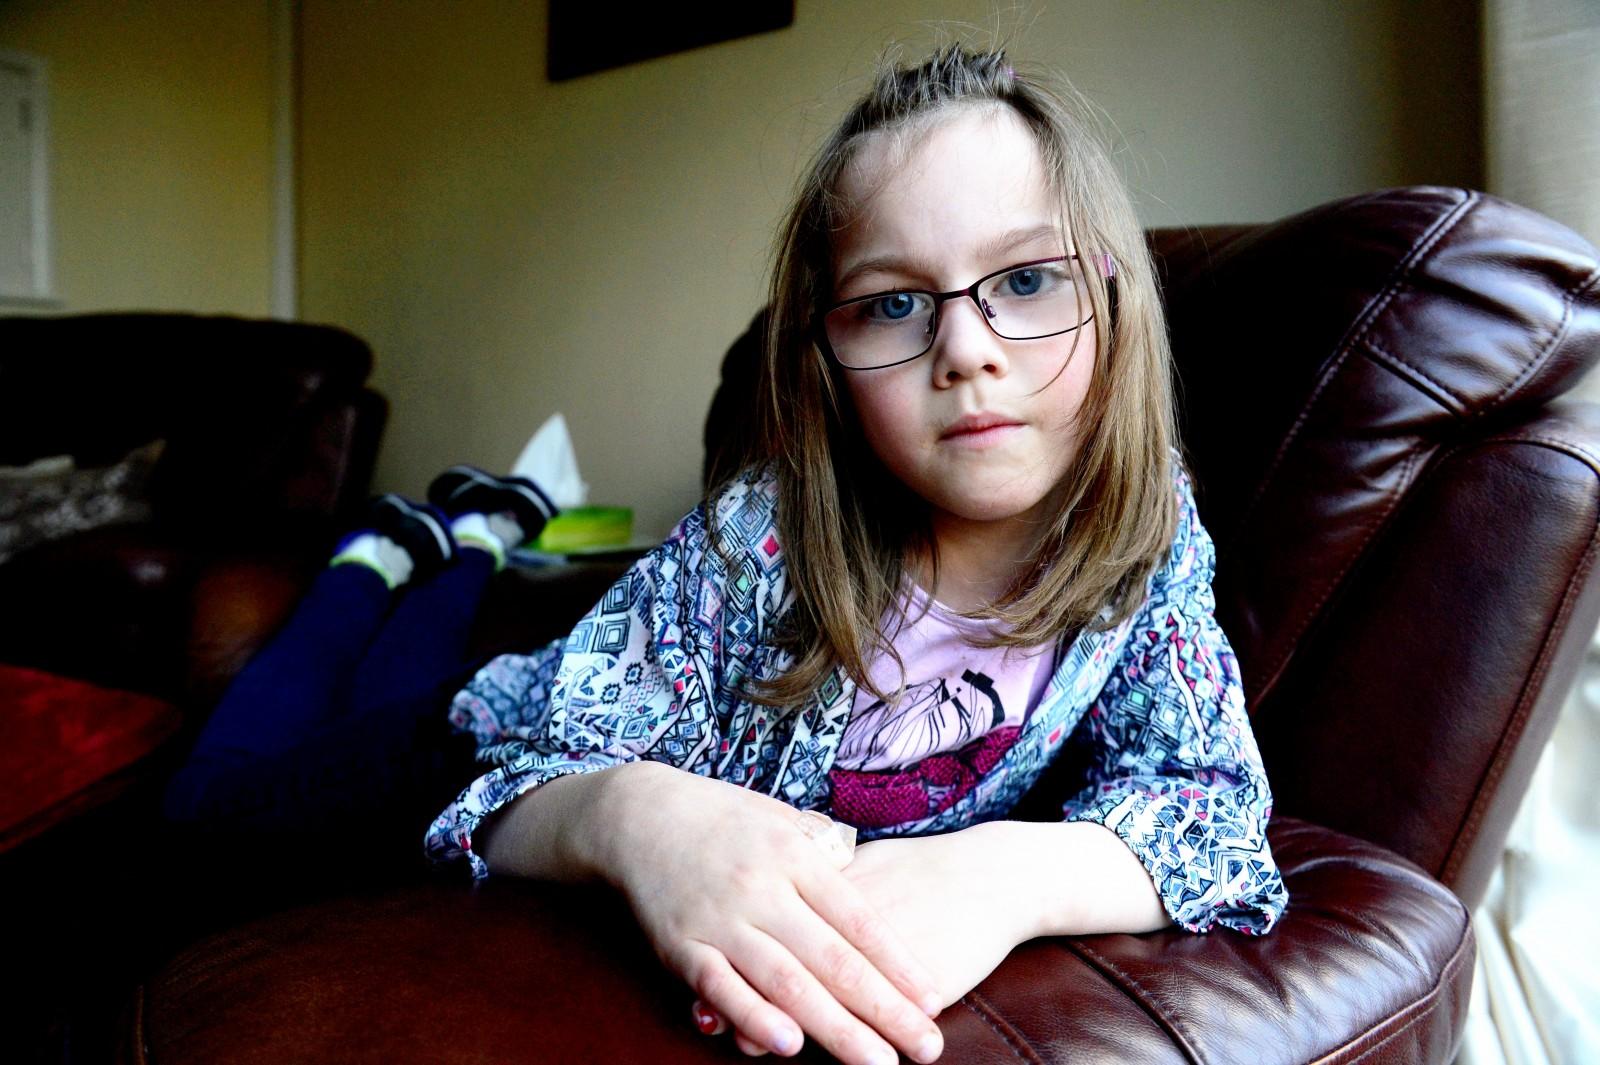 Horrific – Schoolgirl left disfigured after horse bites off her thumb